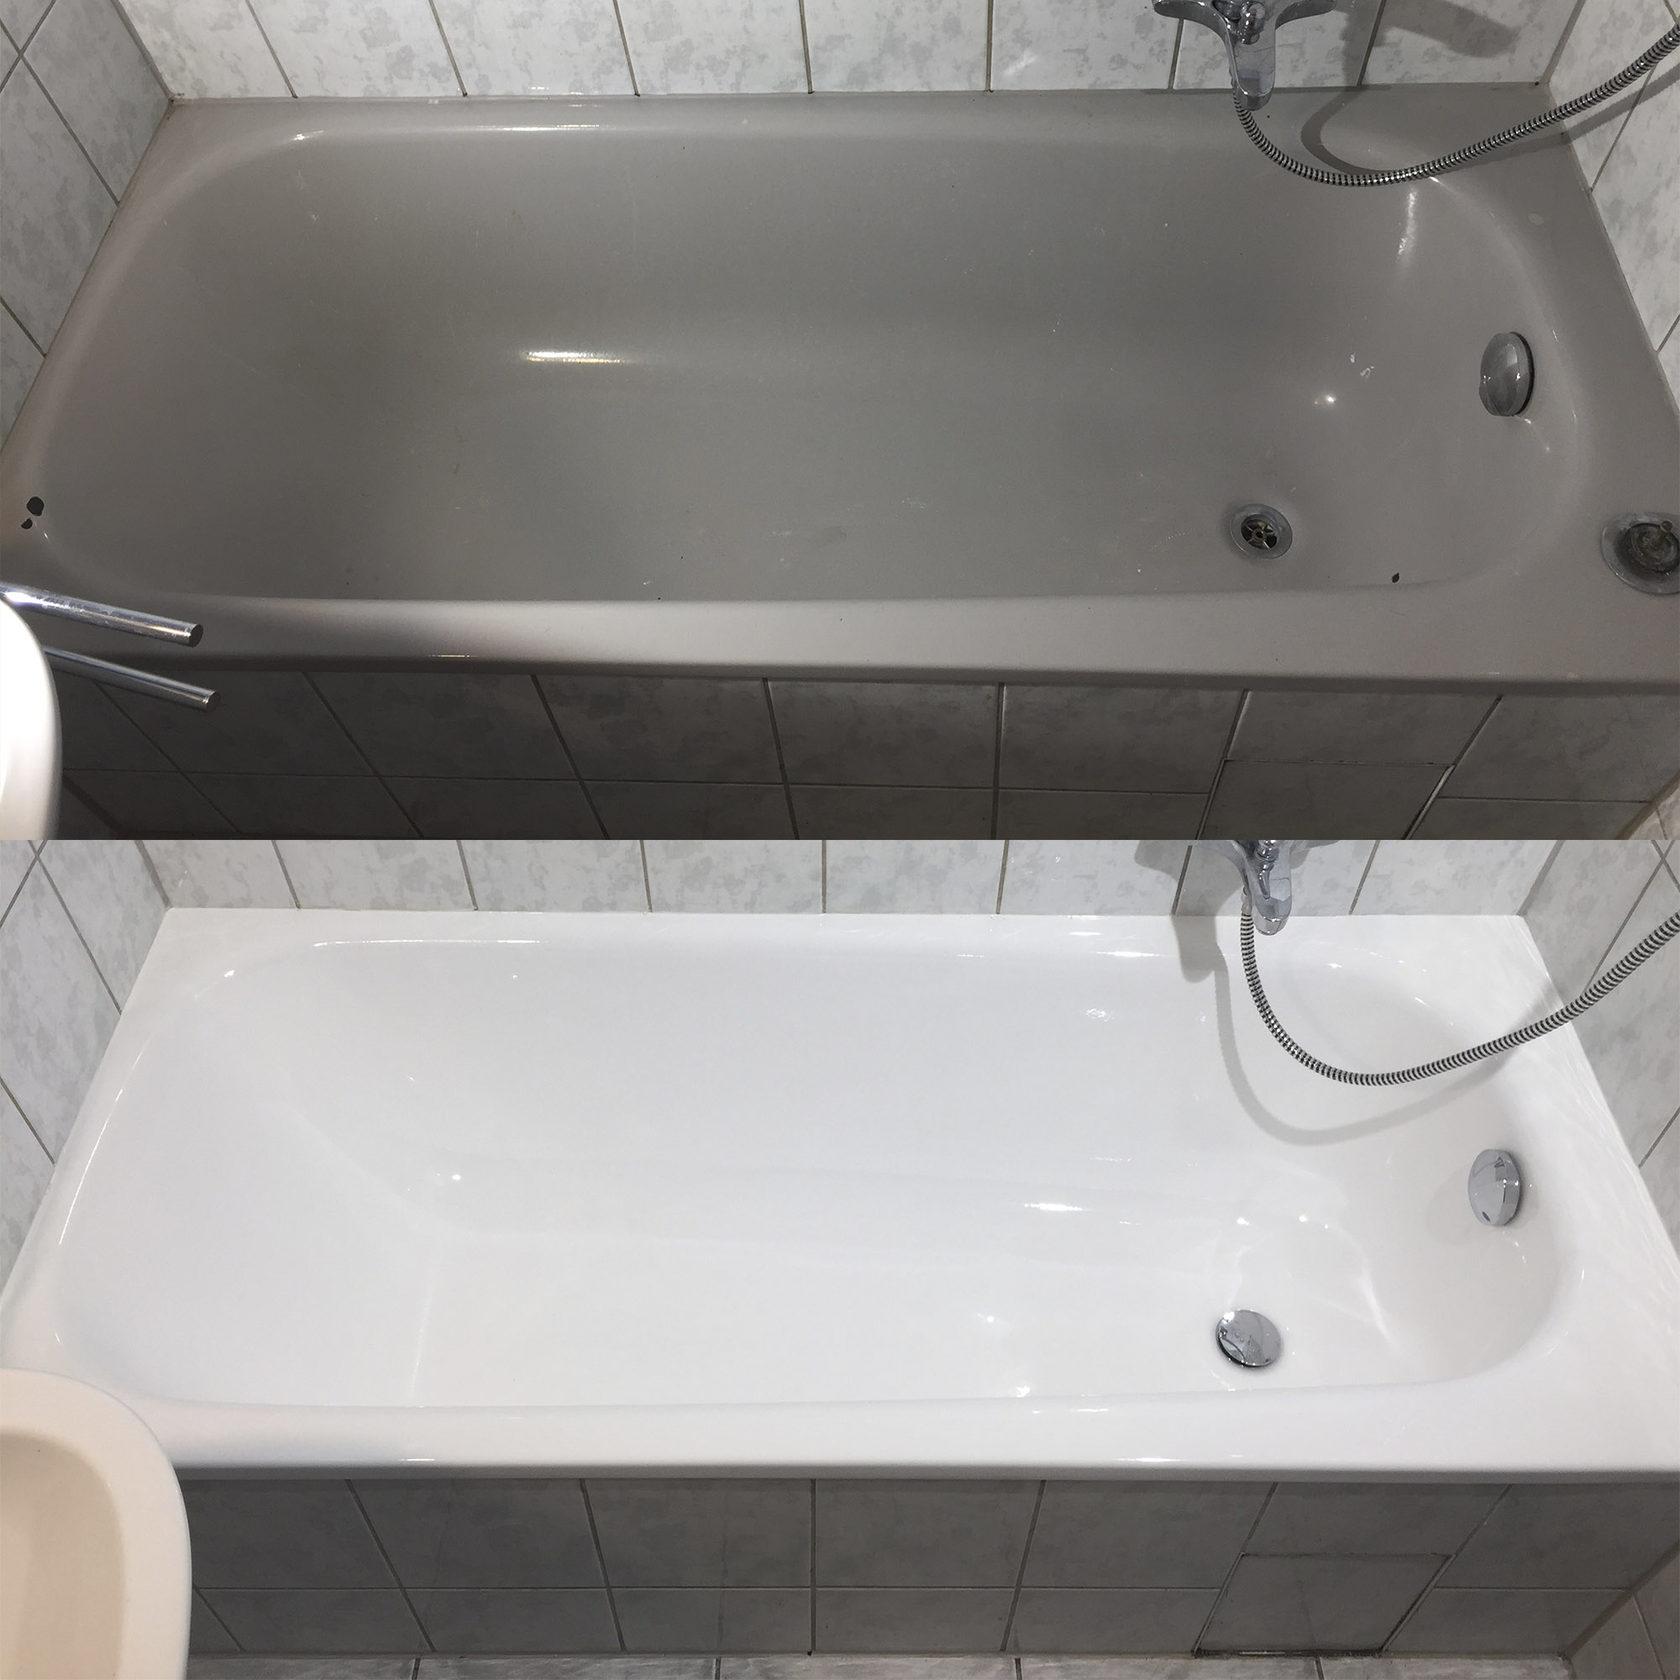 Badewannenrenovierung ohne Gerüche. Eine starke glatte ...